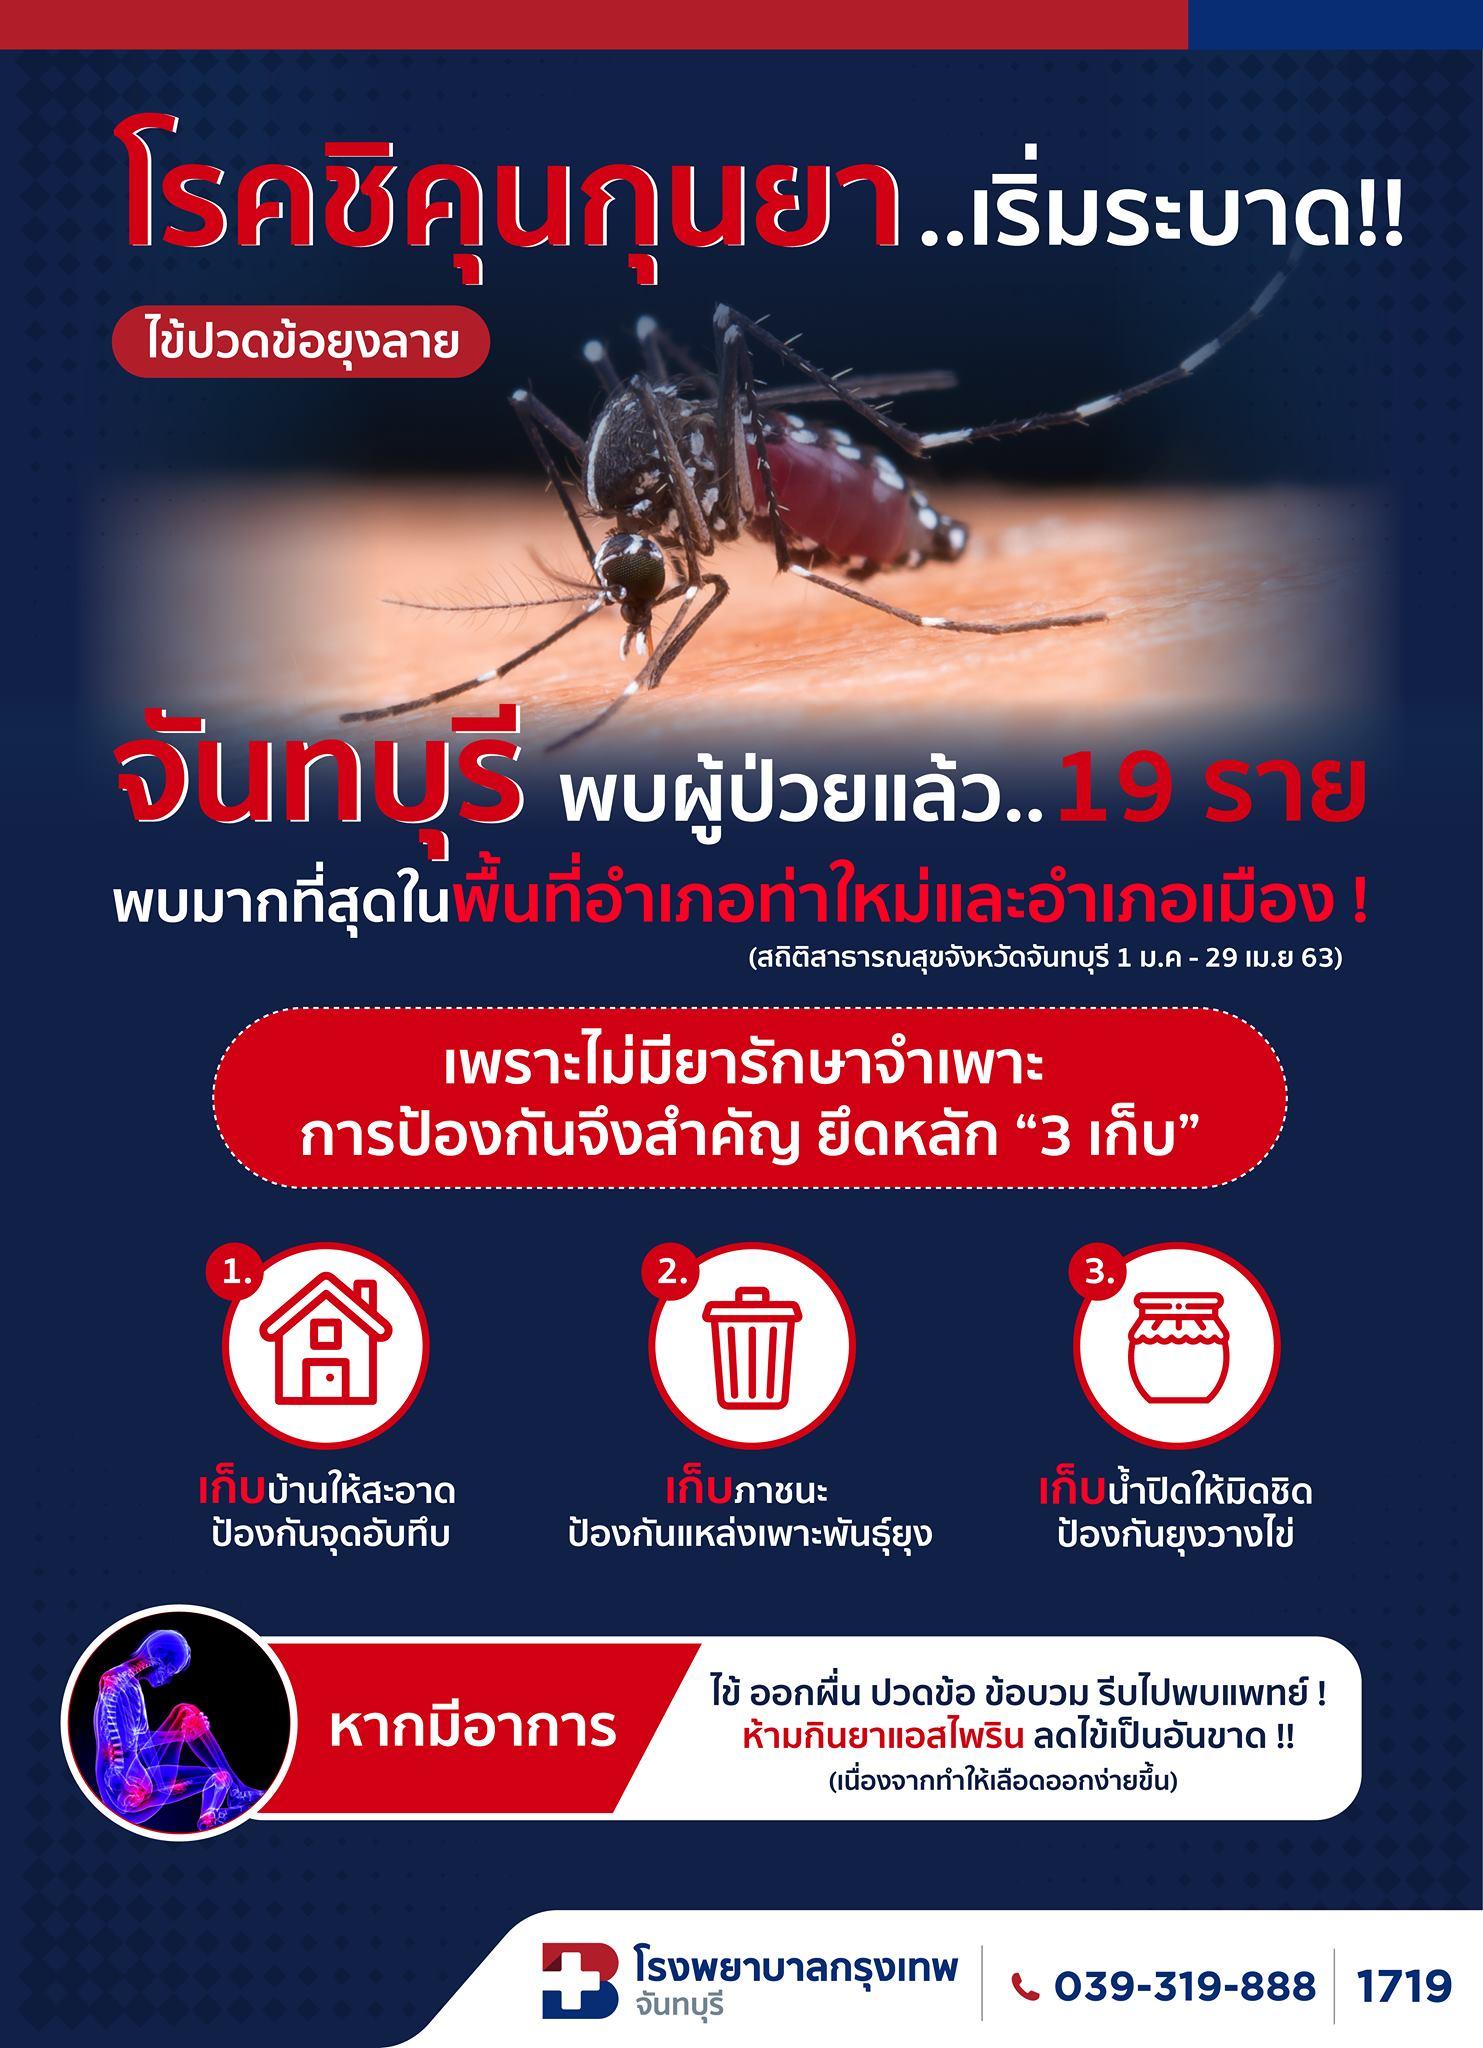 เตือน โรคชิคุนกุนยา หรือ โรคไข้ปวดข้อยุงลาย จันทบุรี พบแล้ว 19 ราย ยึดหลัก 3 เก็บ